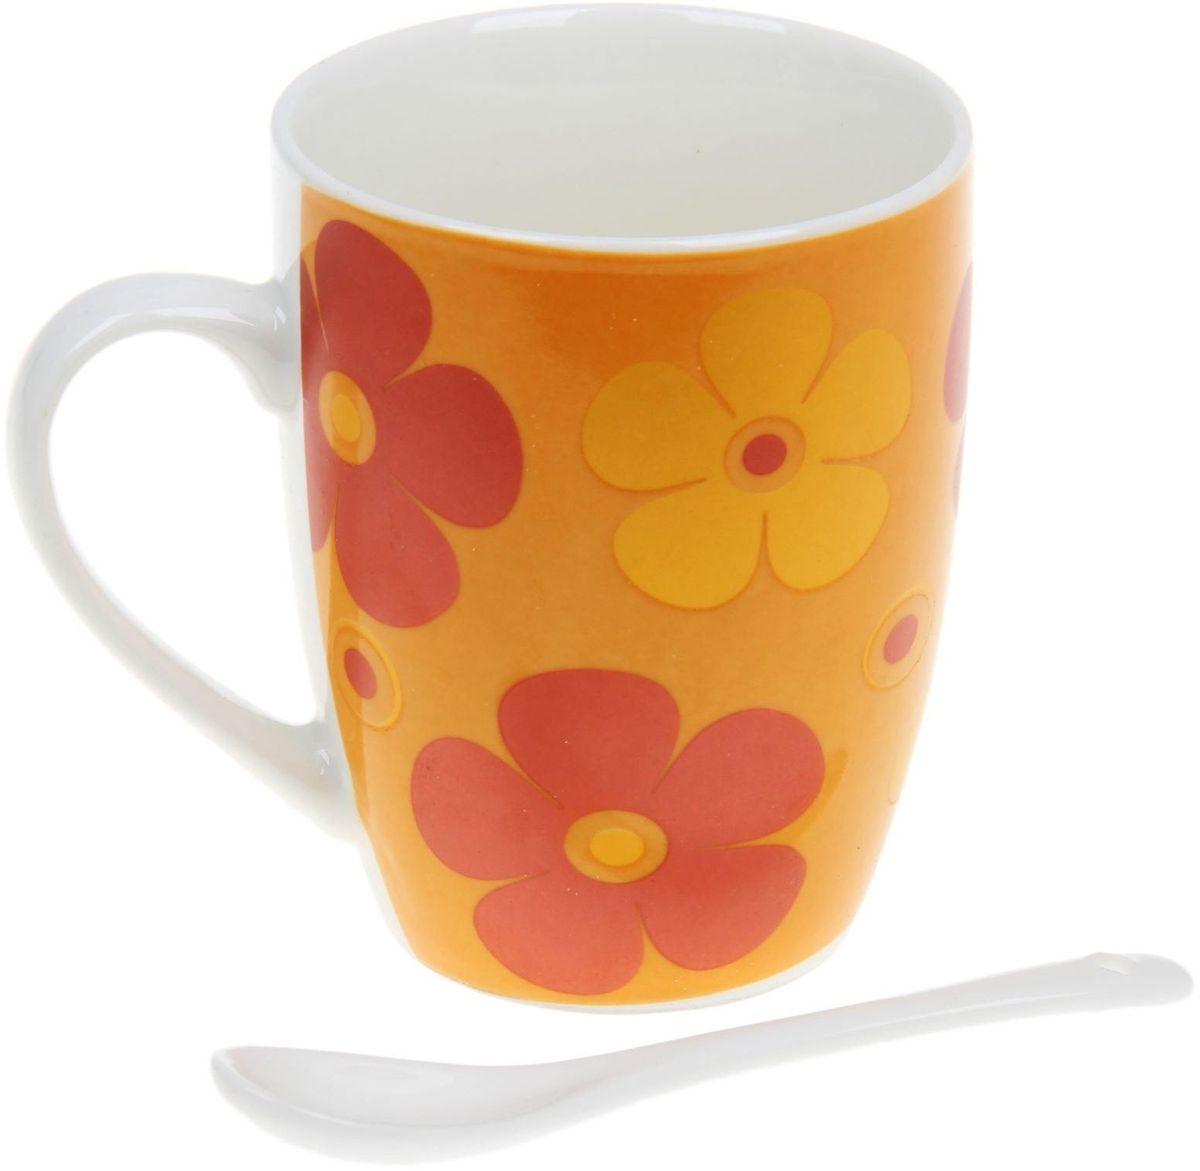 Кружка Доляна Радуга цветов, с ложкой, 300 мл836417Кружка Доляна Радуга цветов станет любимым аксессуаром на долгие годы. Относитесь к изделию бережно, и оно будет дарить прекрасное настроение каждый день!